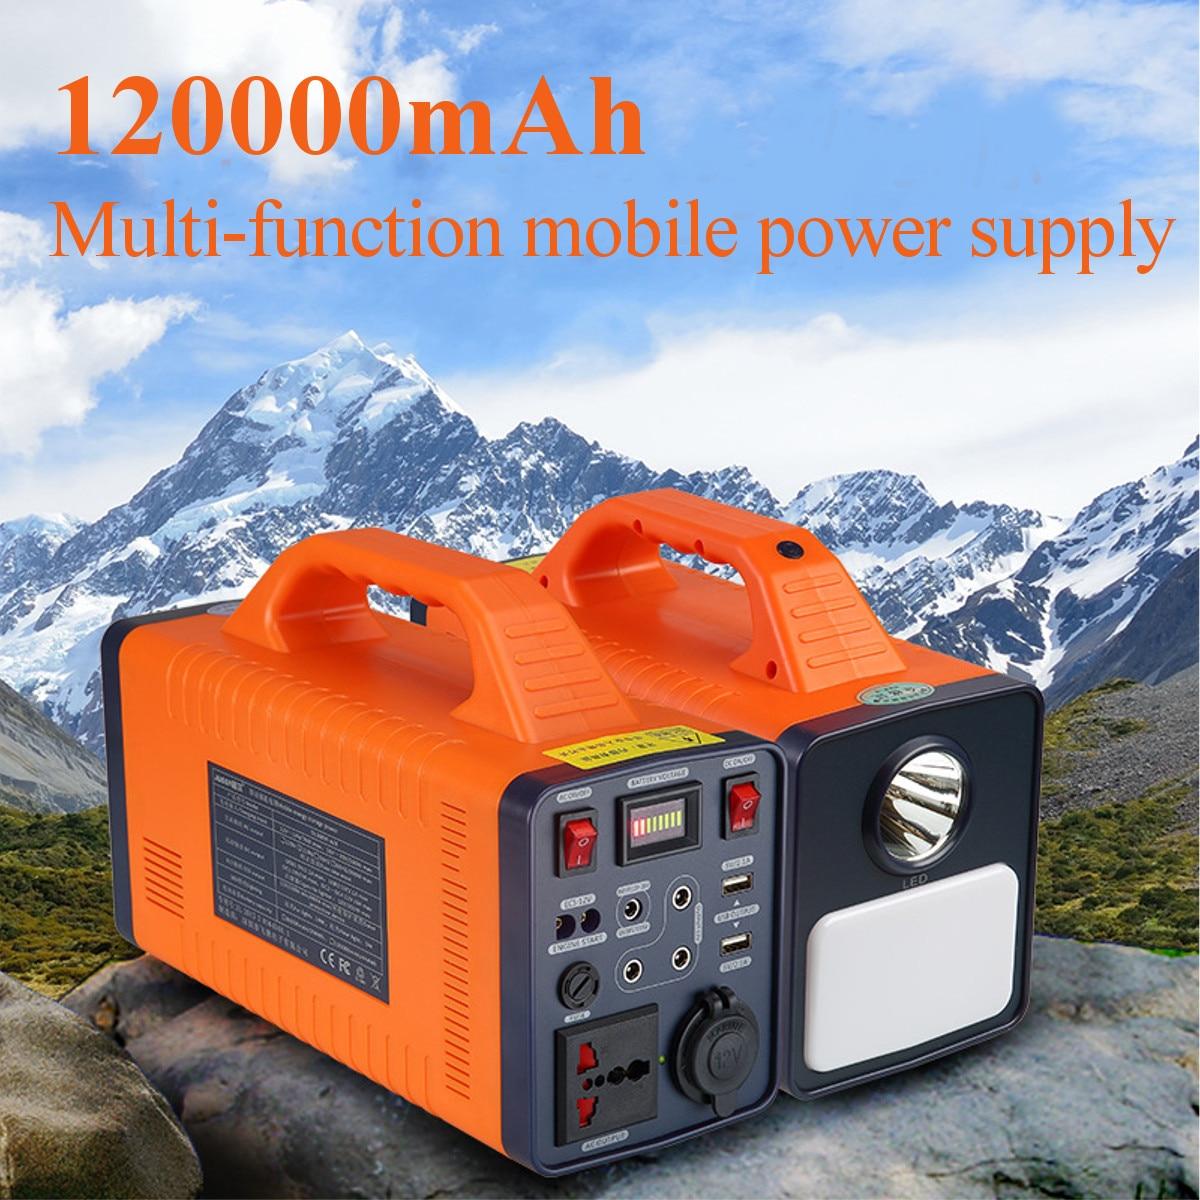 120000 mah 444Wh 300 w Portable Solaire Puissance De Stockage Générateur Onduleur Camping Lumière Multifonction Portable Mobile Alimentation